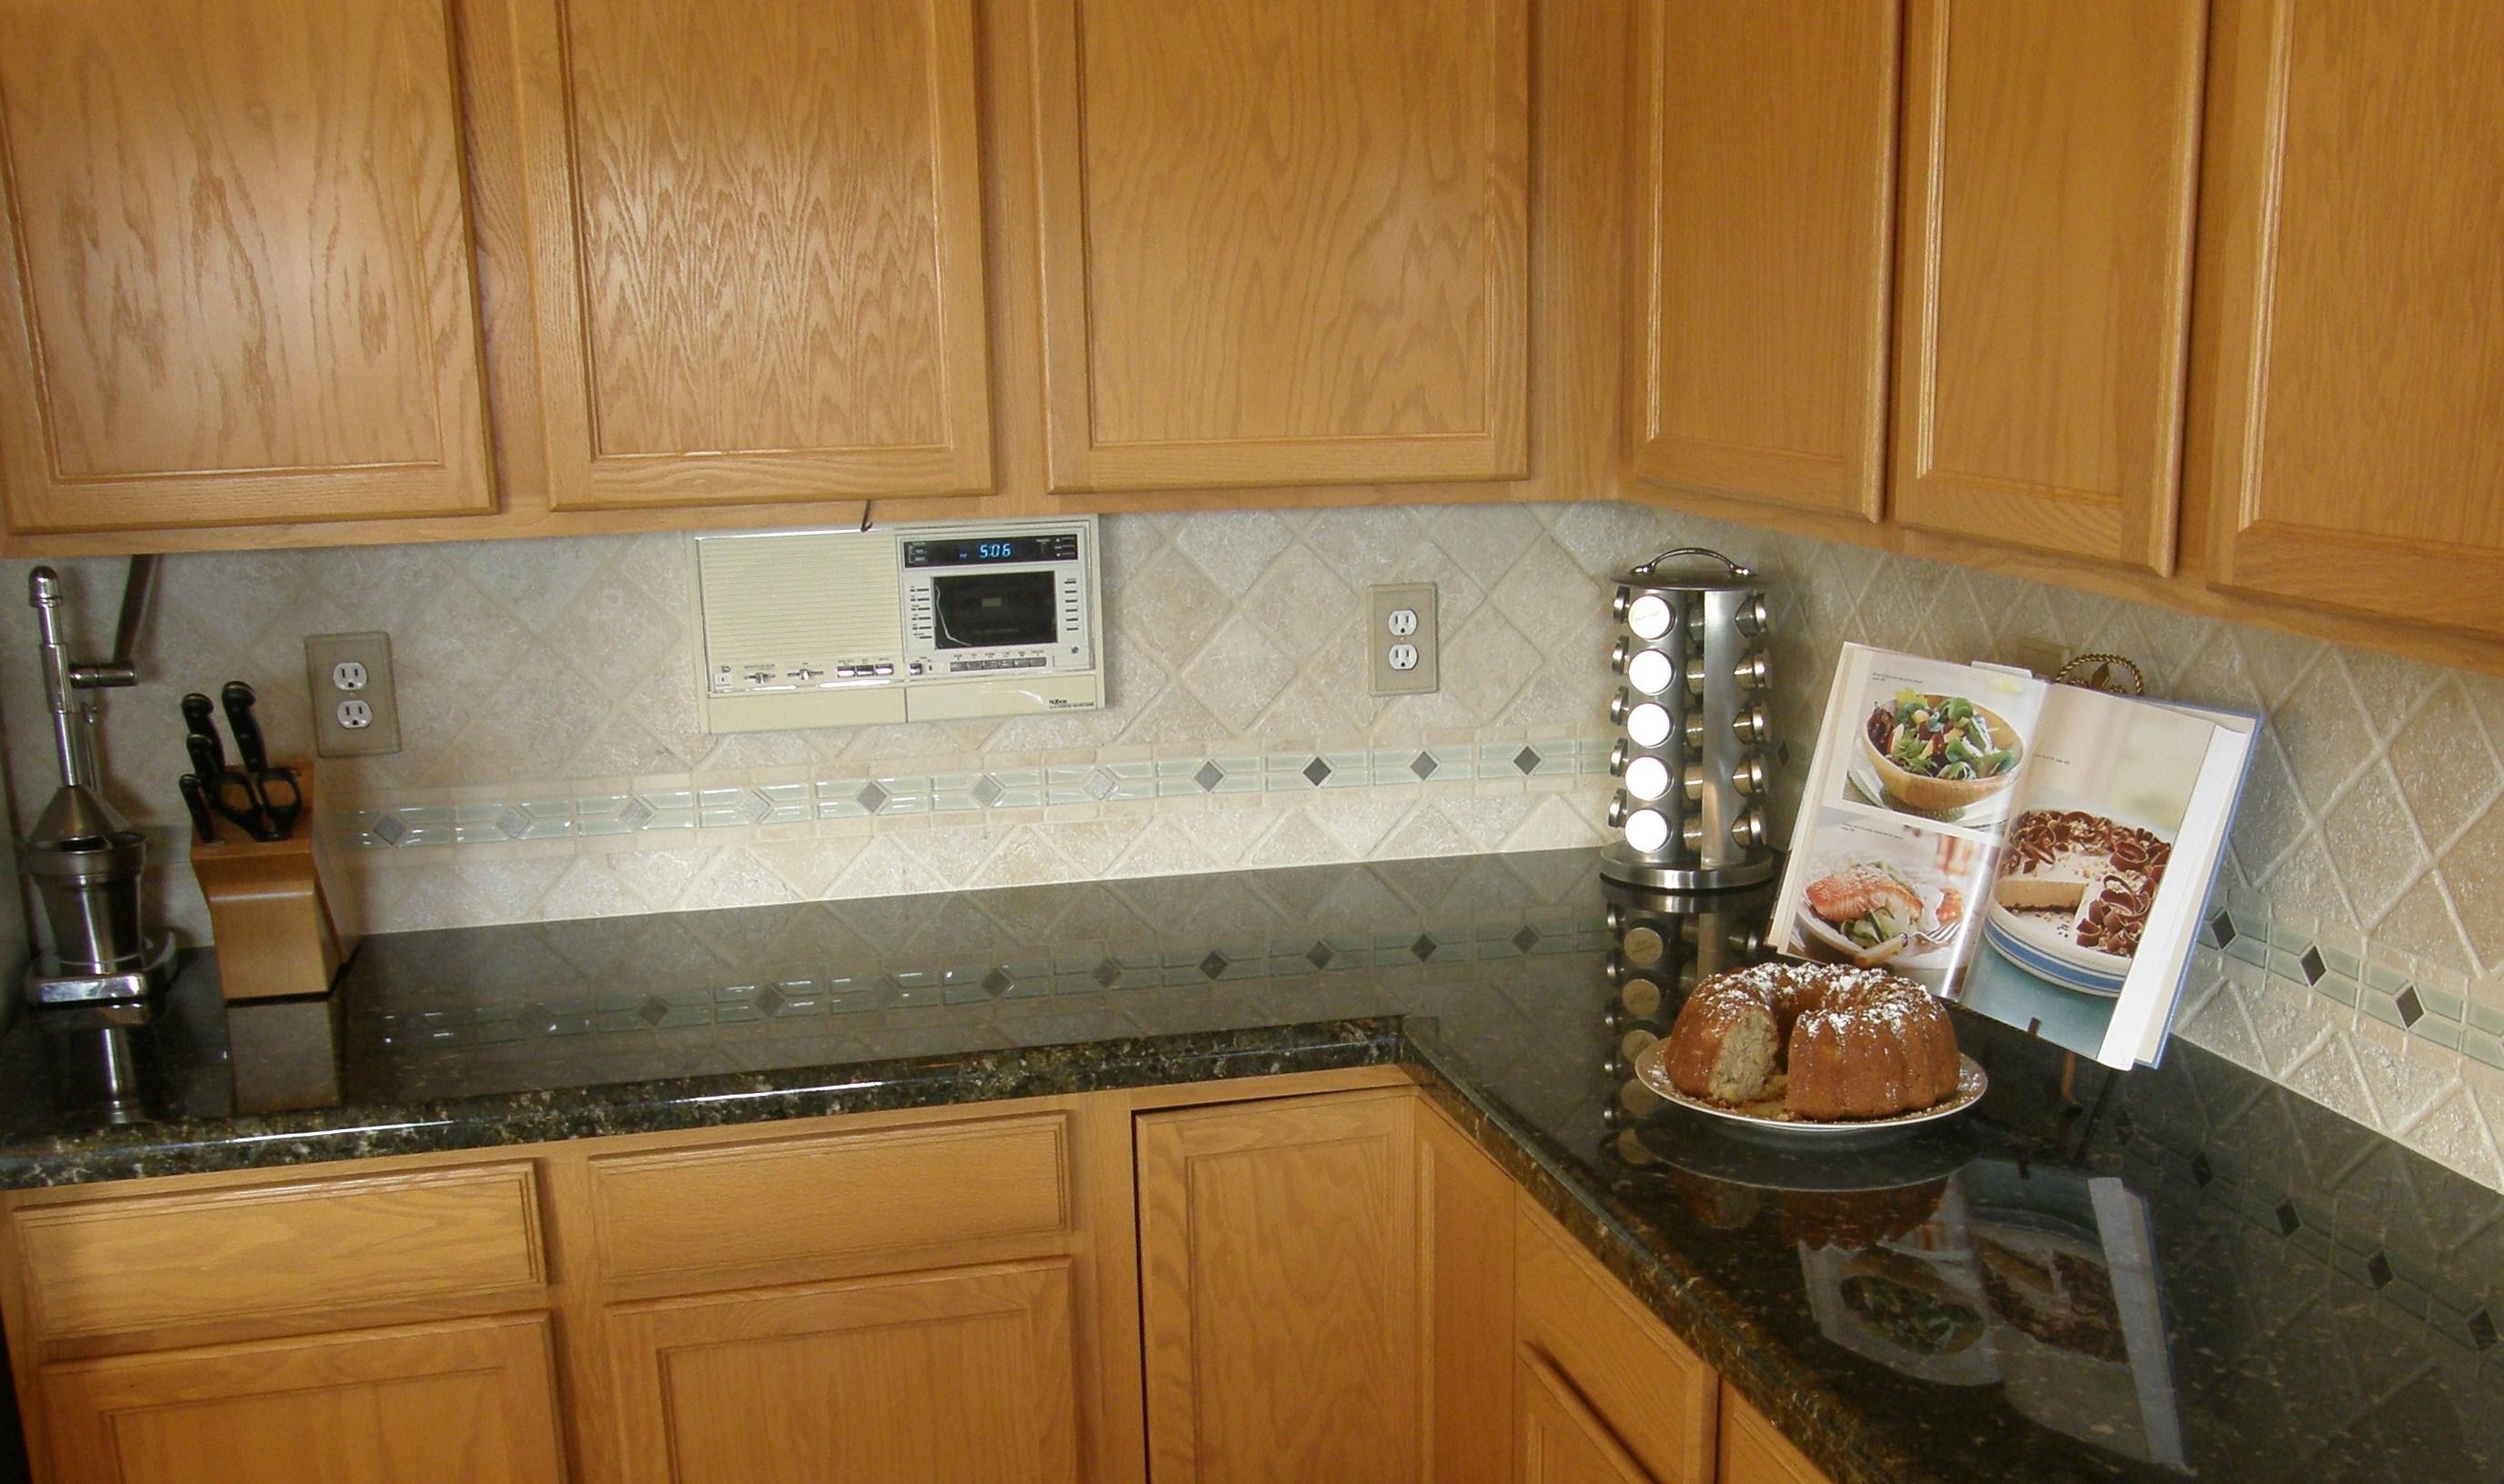 Kitchen splash 14 photos gallery homes alternative 28019 - Tile splash kitchen ...